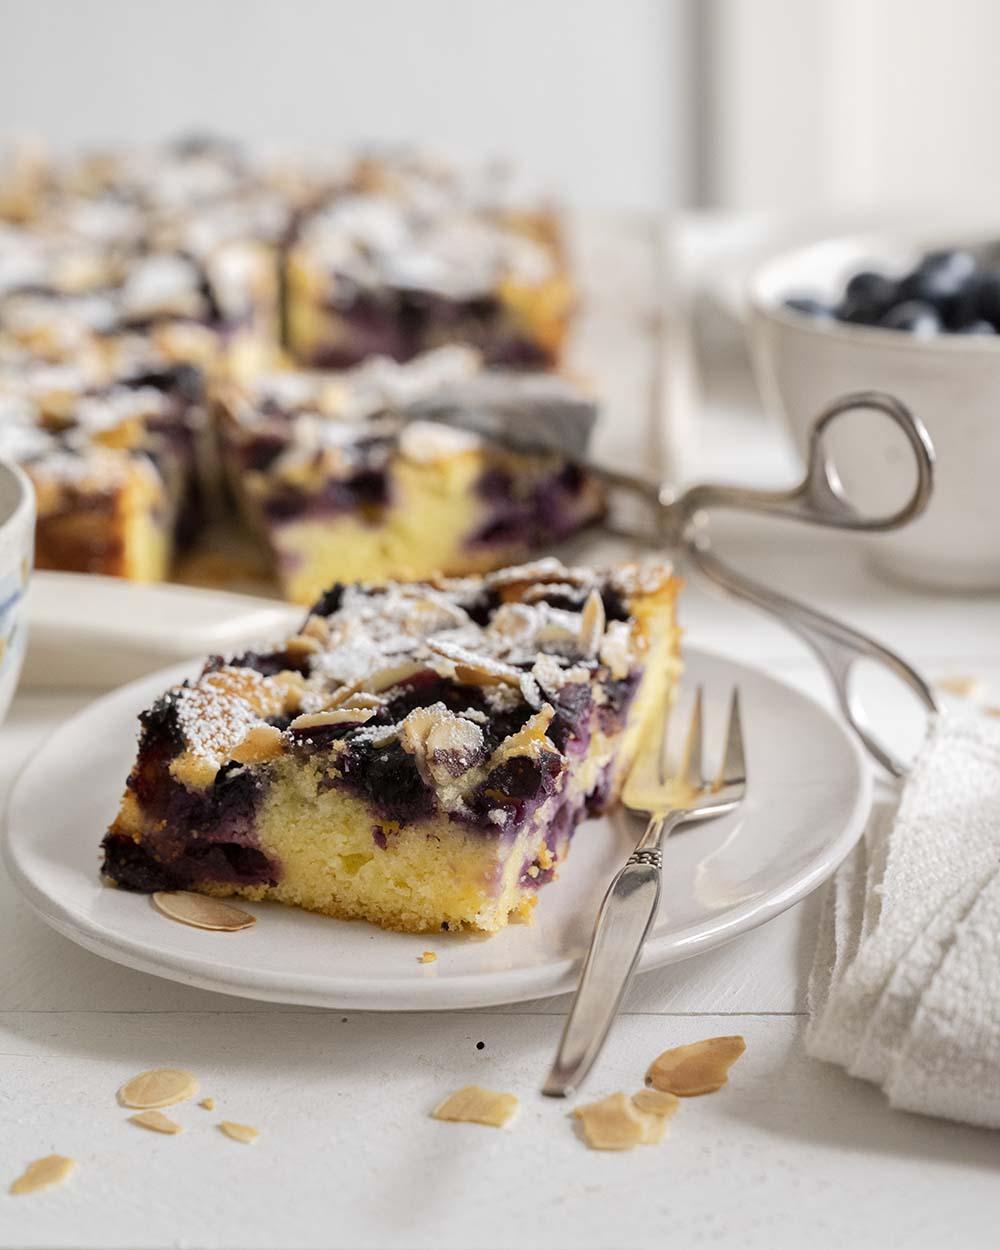 Ein Stück Blechkuchen mit Heidelbeeren auf dem Teller.